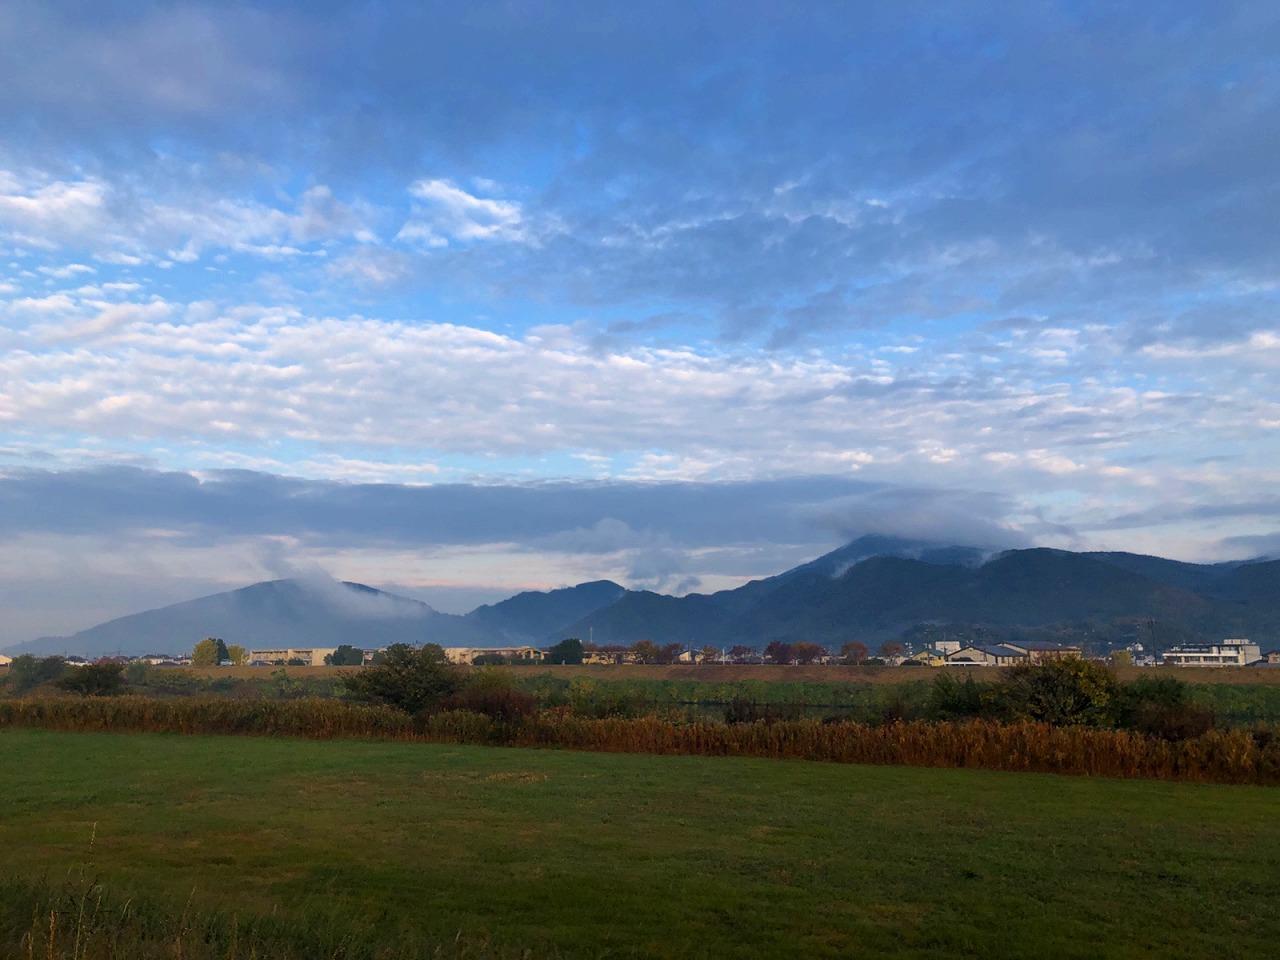 2018.11.22今朝の金峰山です。